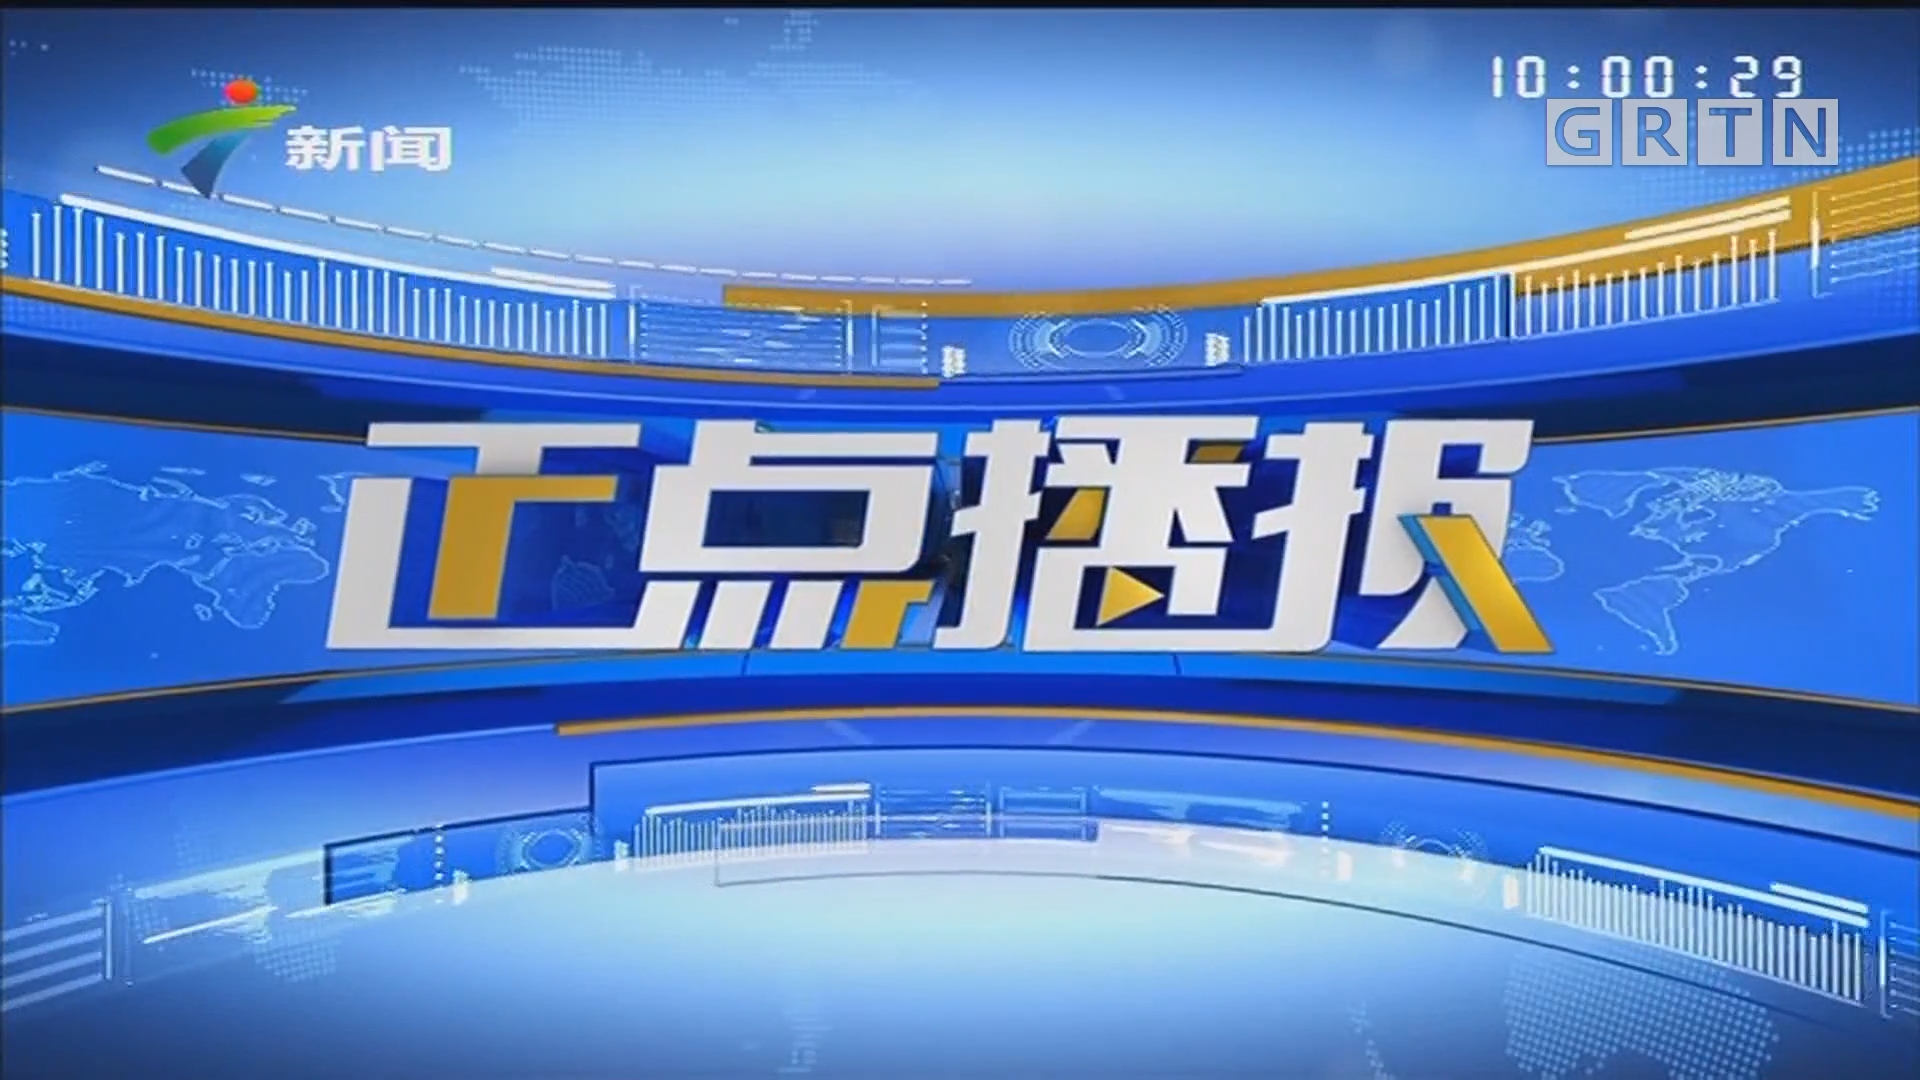 [HD][2019-07-31]正点播报:今年第7号台风将生成 今晚至明天凌晨登陆华南沿海